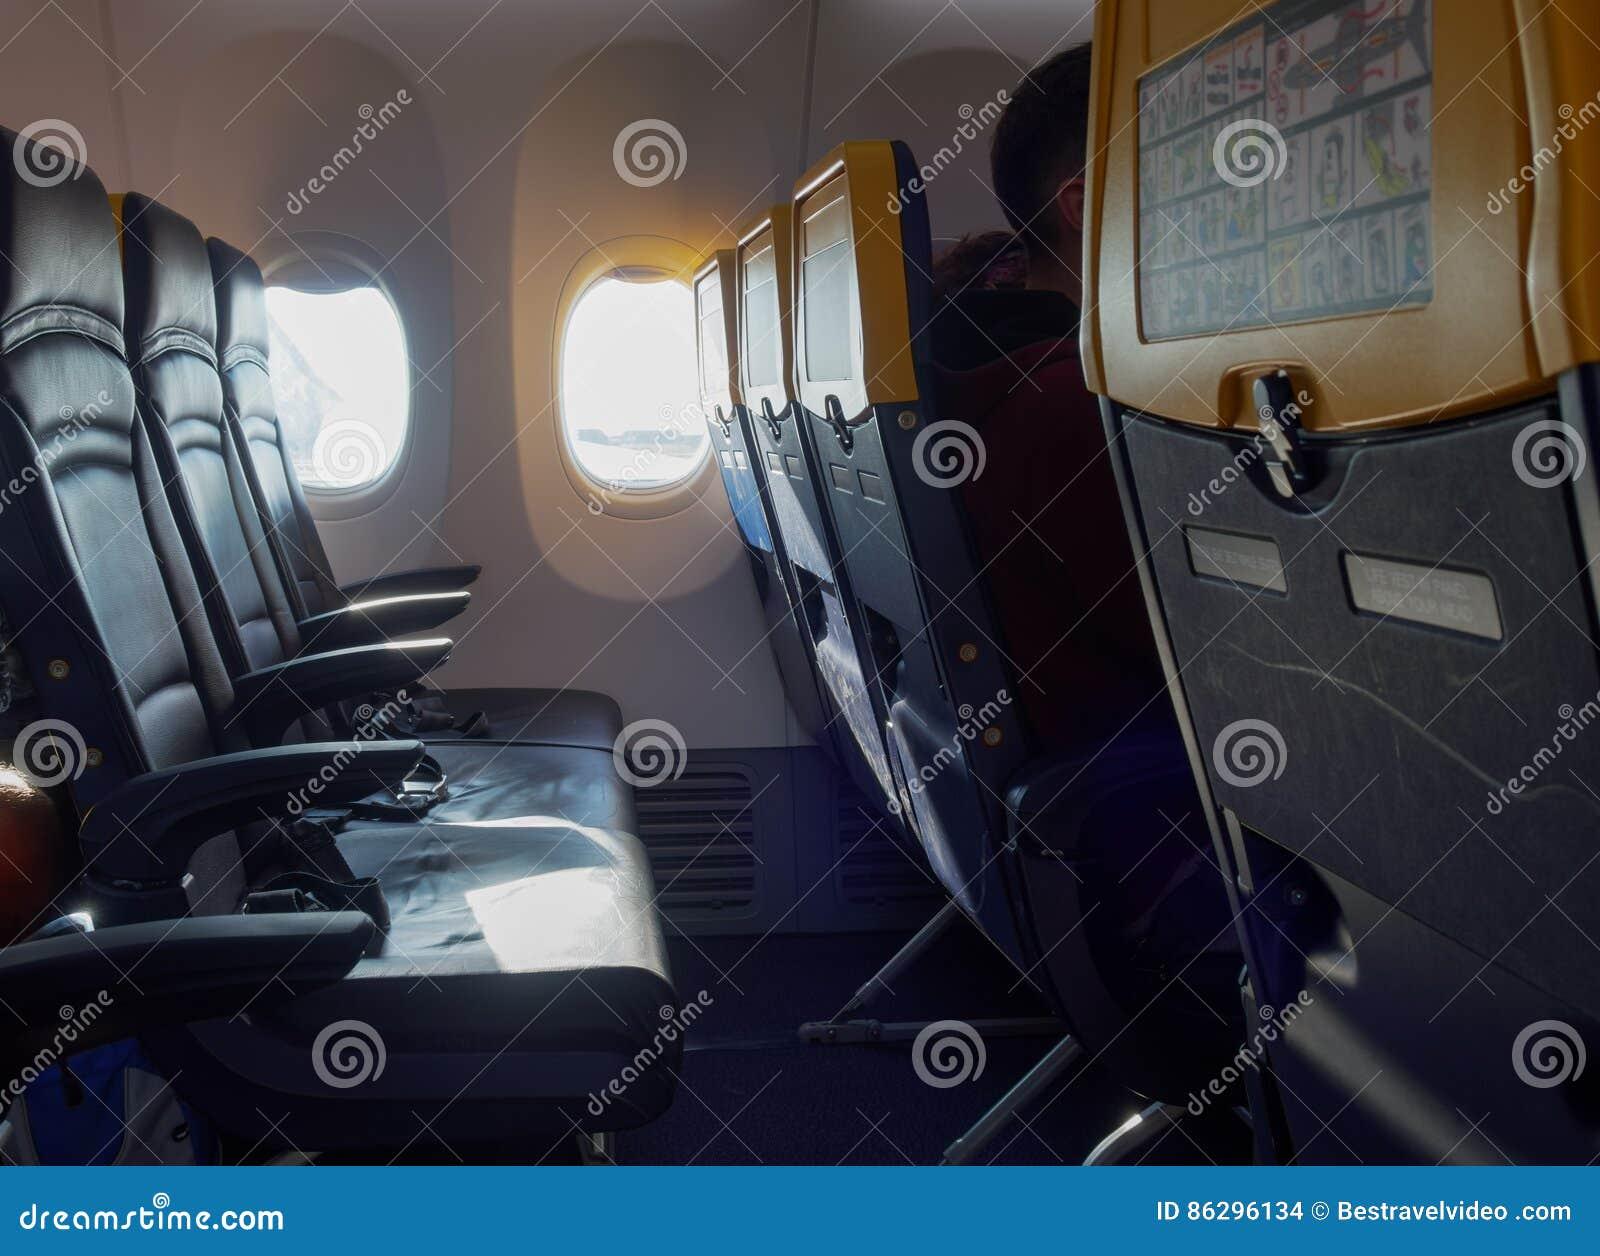 Ryanair sitzplan TAP Express